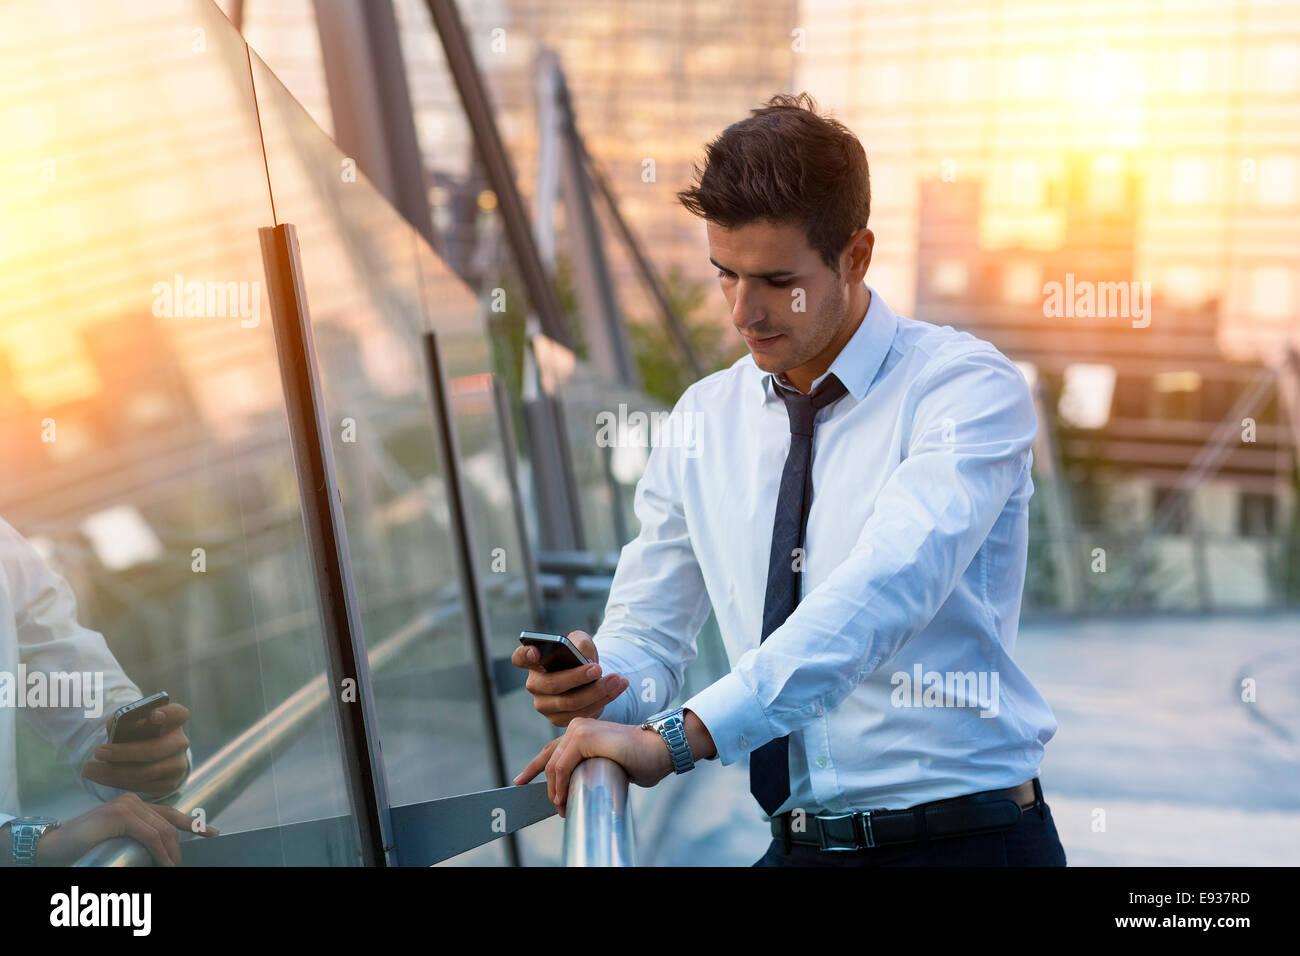 Ritratto di imprenditore utilizzando smart phone Immagini Stock